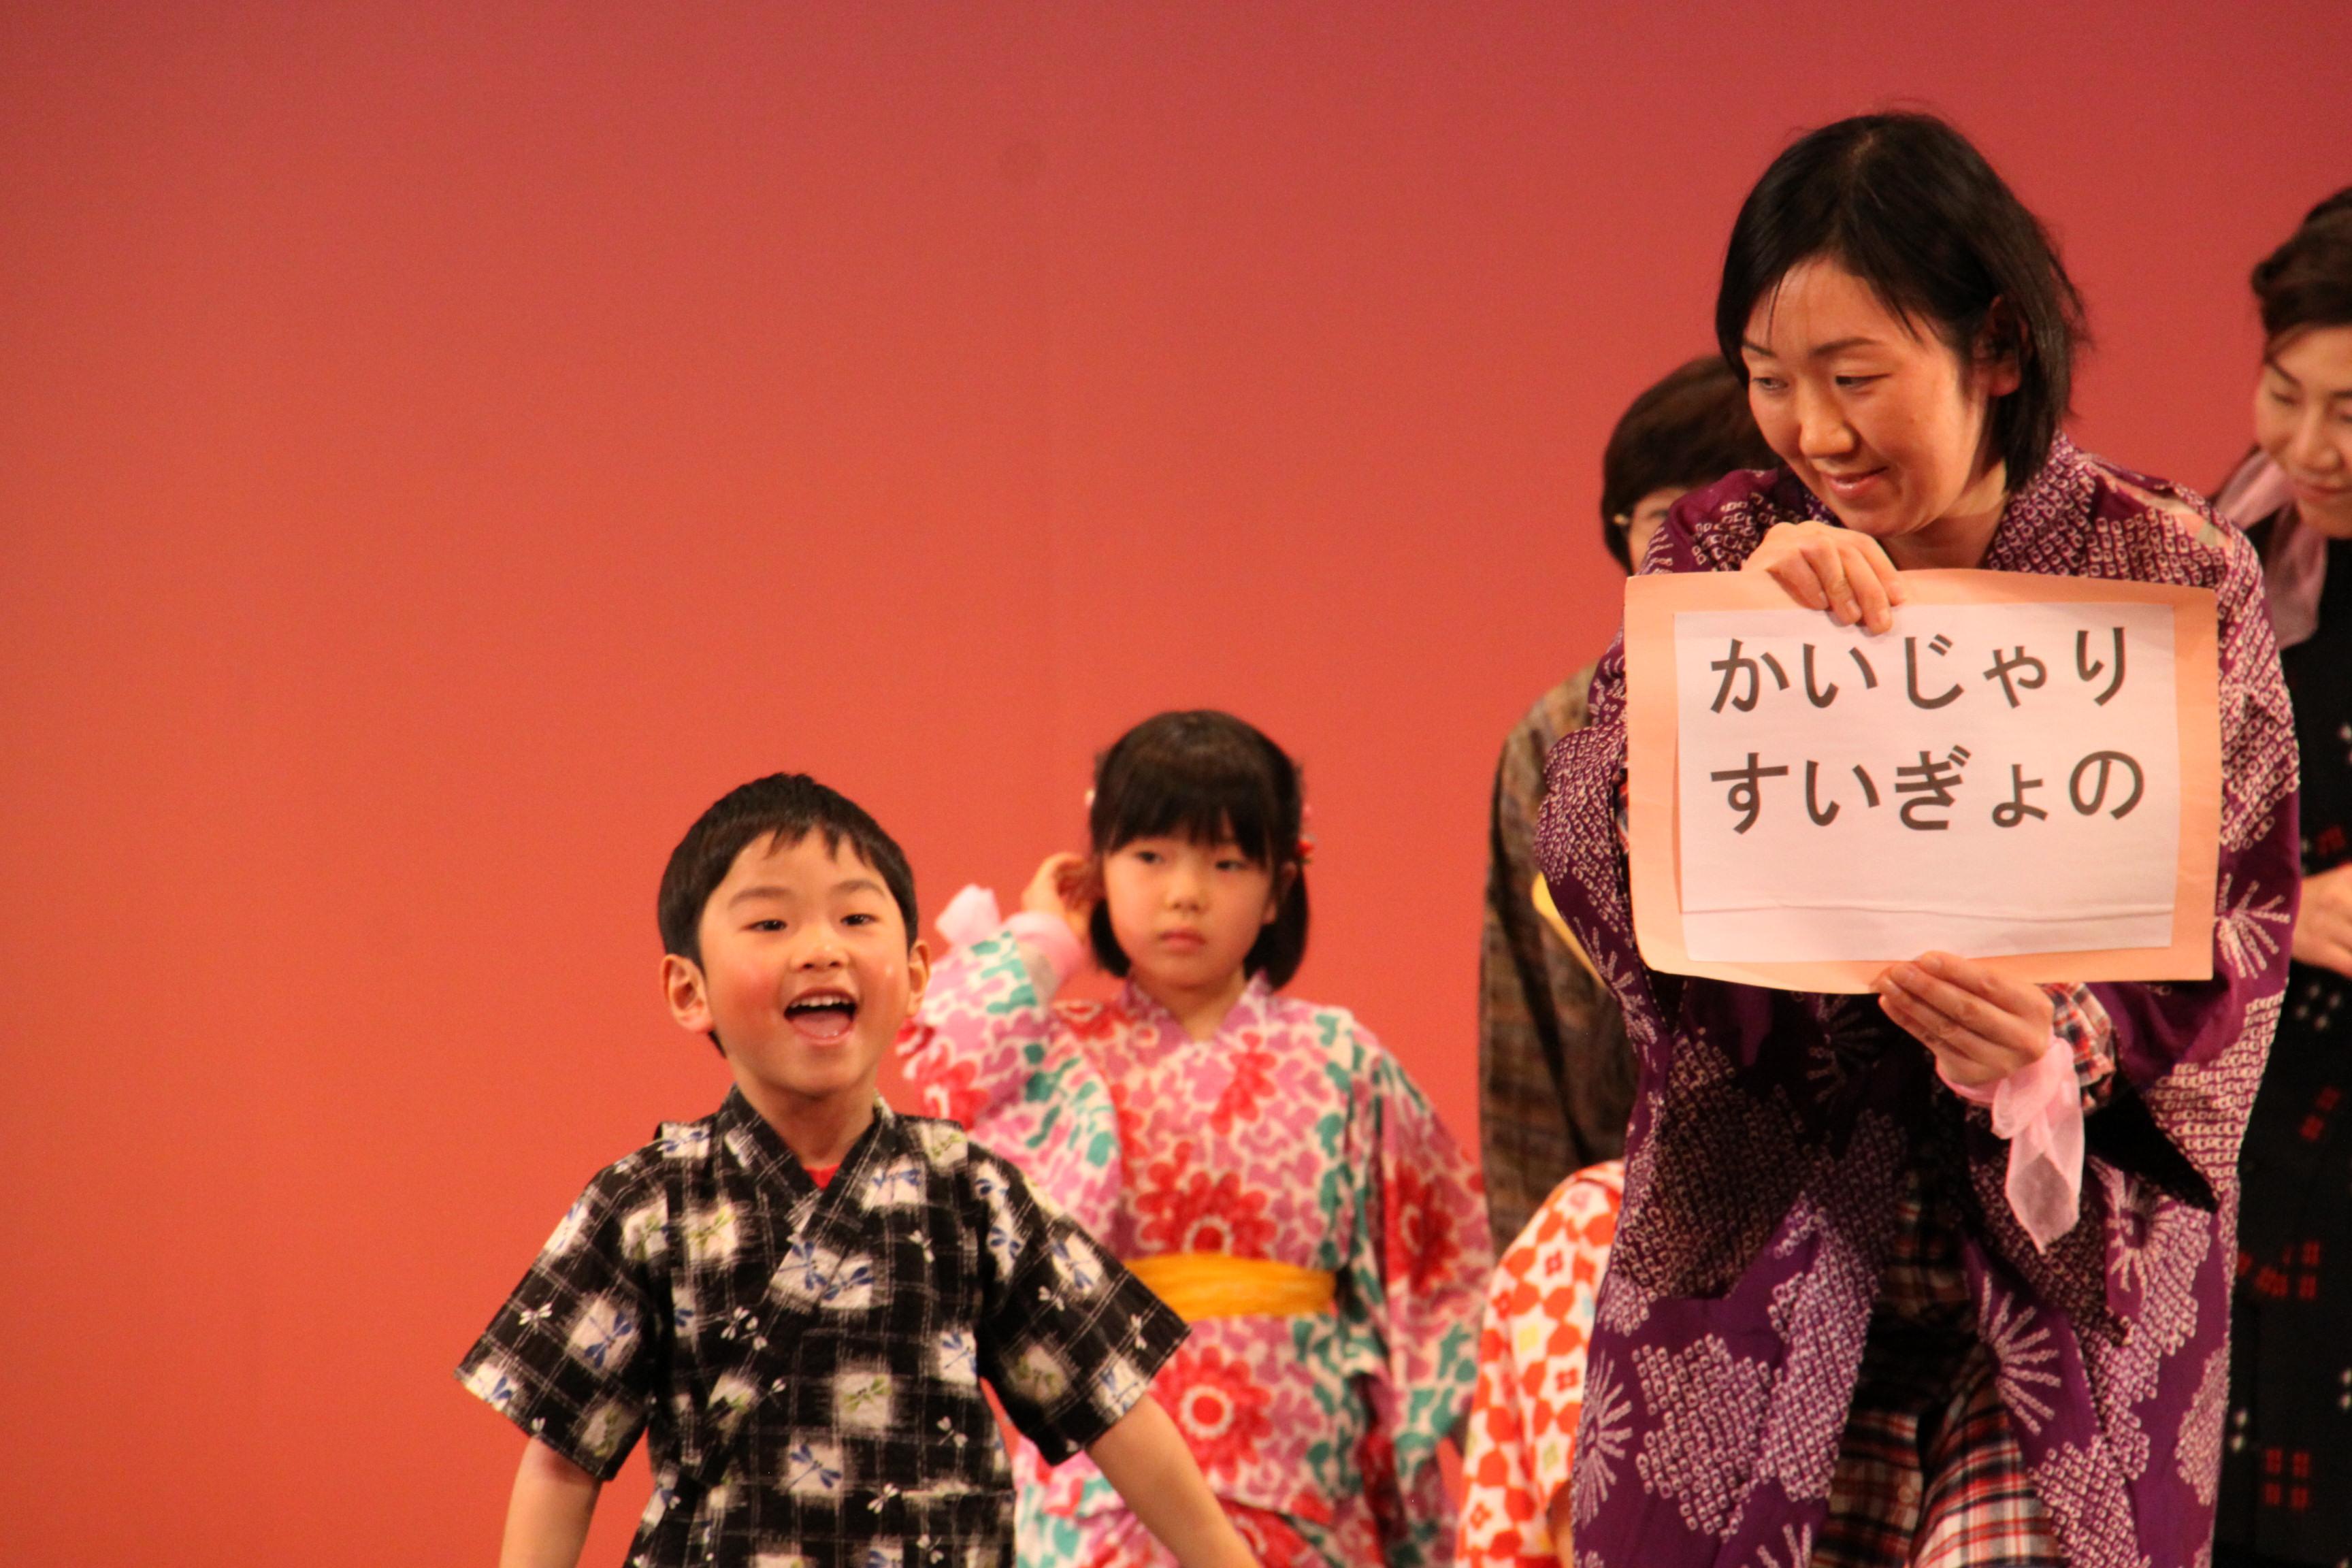 いちみゅー文化祭